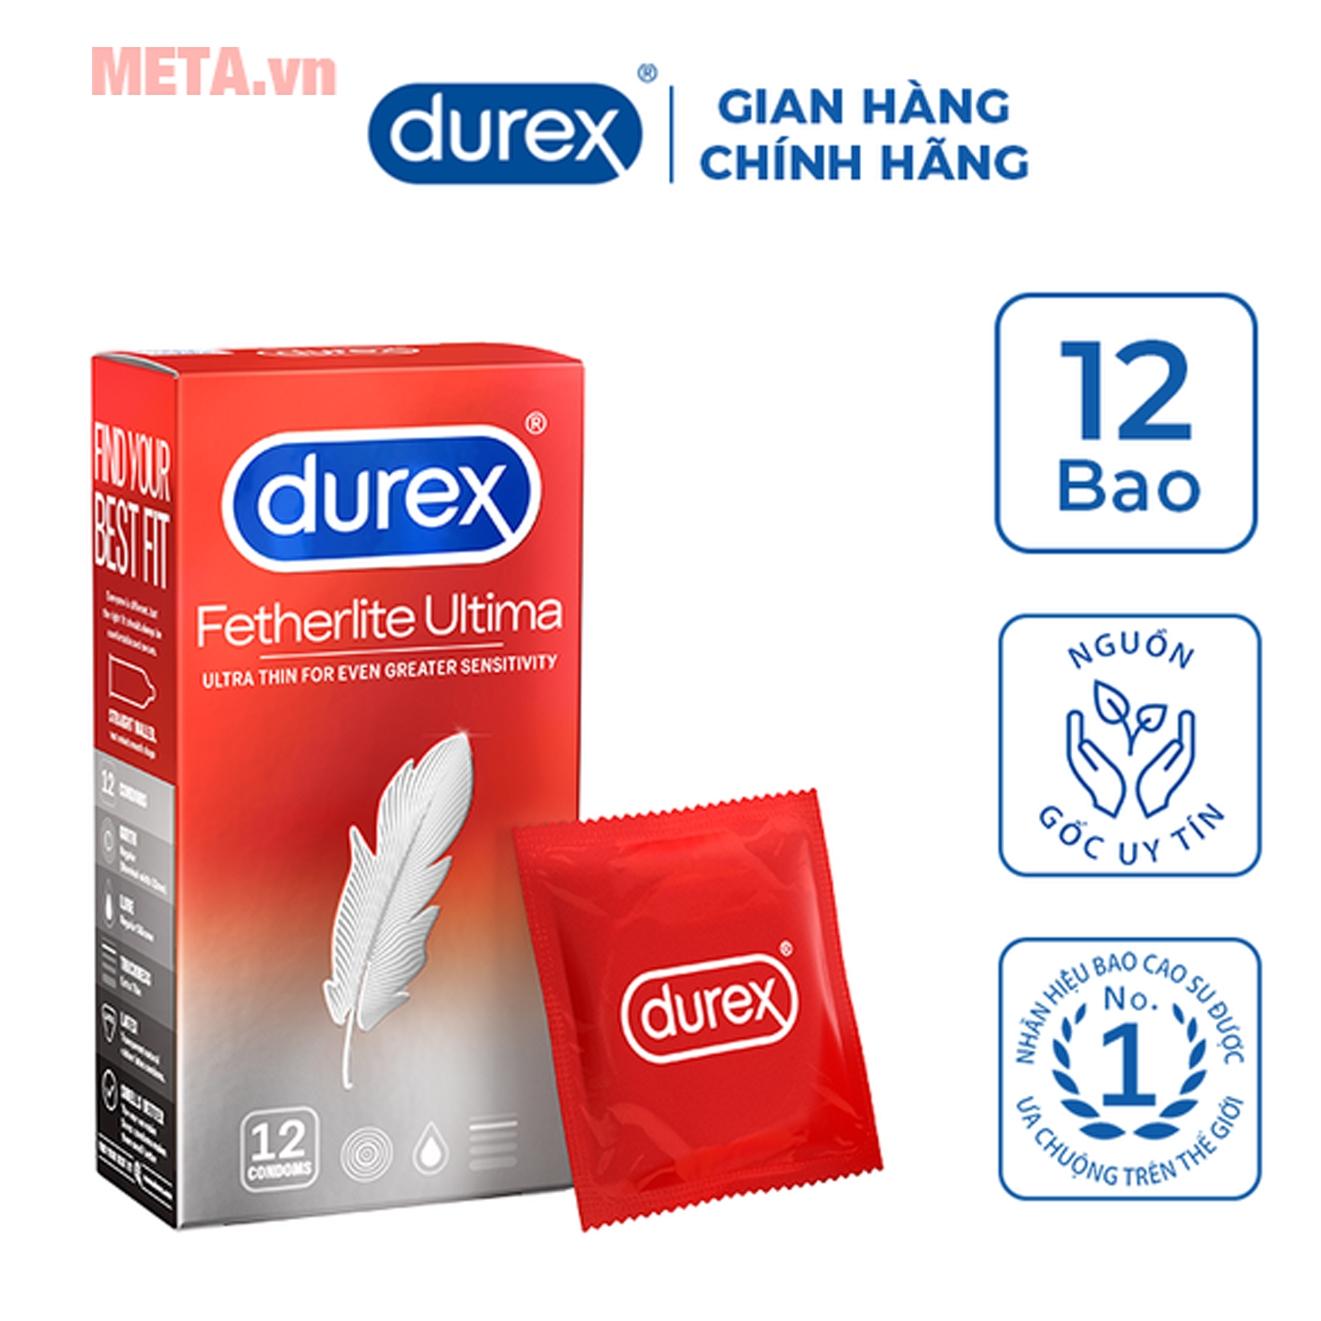 Durex Fetherlite Ultima đóng hộp 12 chiếc